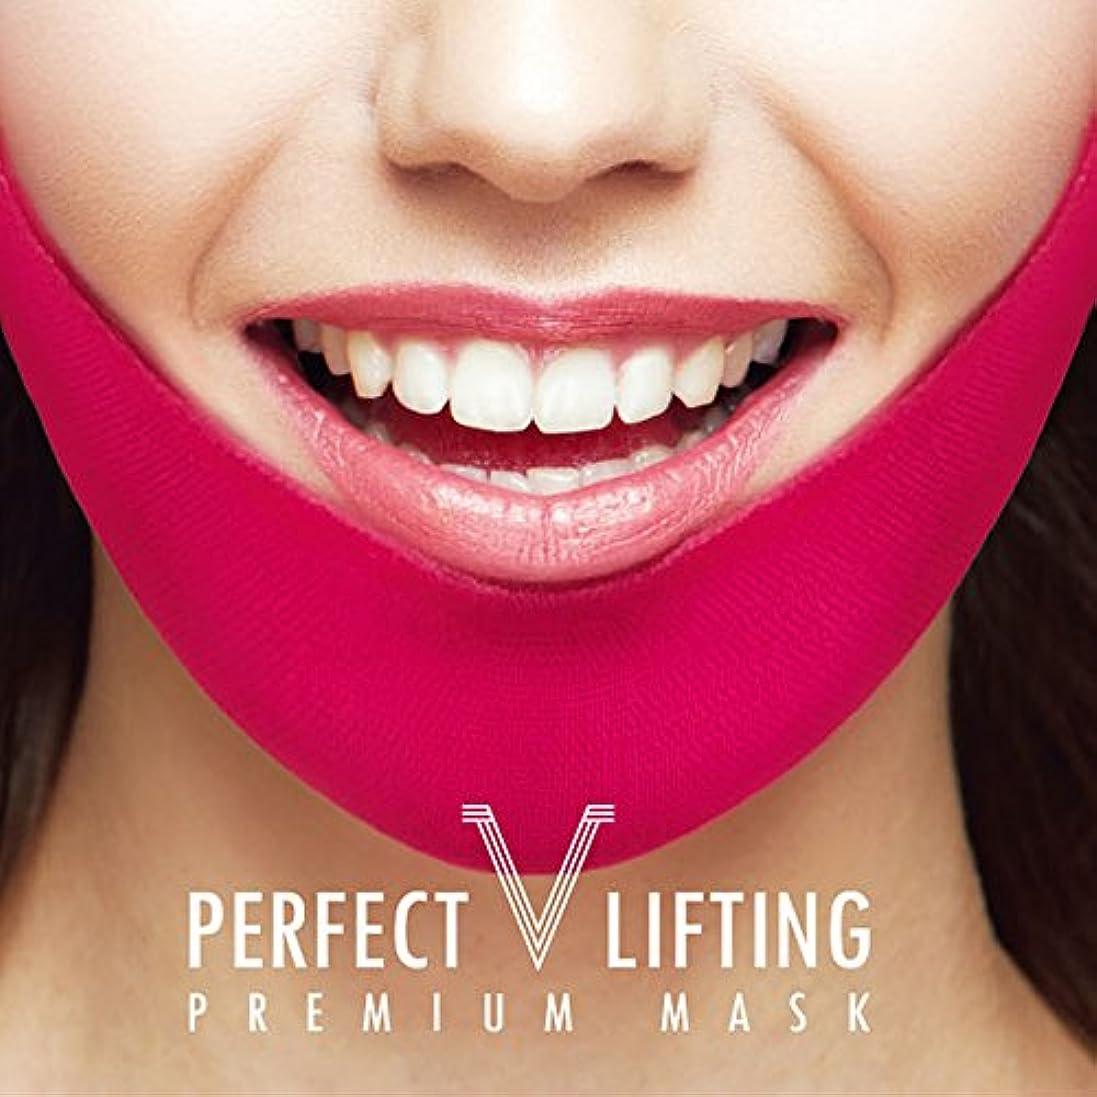 医師空虚上へAvajar パーフェクト V リフティング プレミアムマスク エイバザール マスク フェイスマスク 小顔効果と顎ラインを取り戻す 1パック